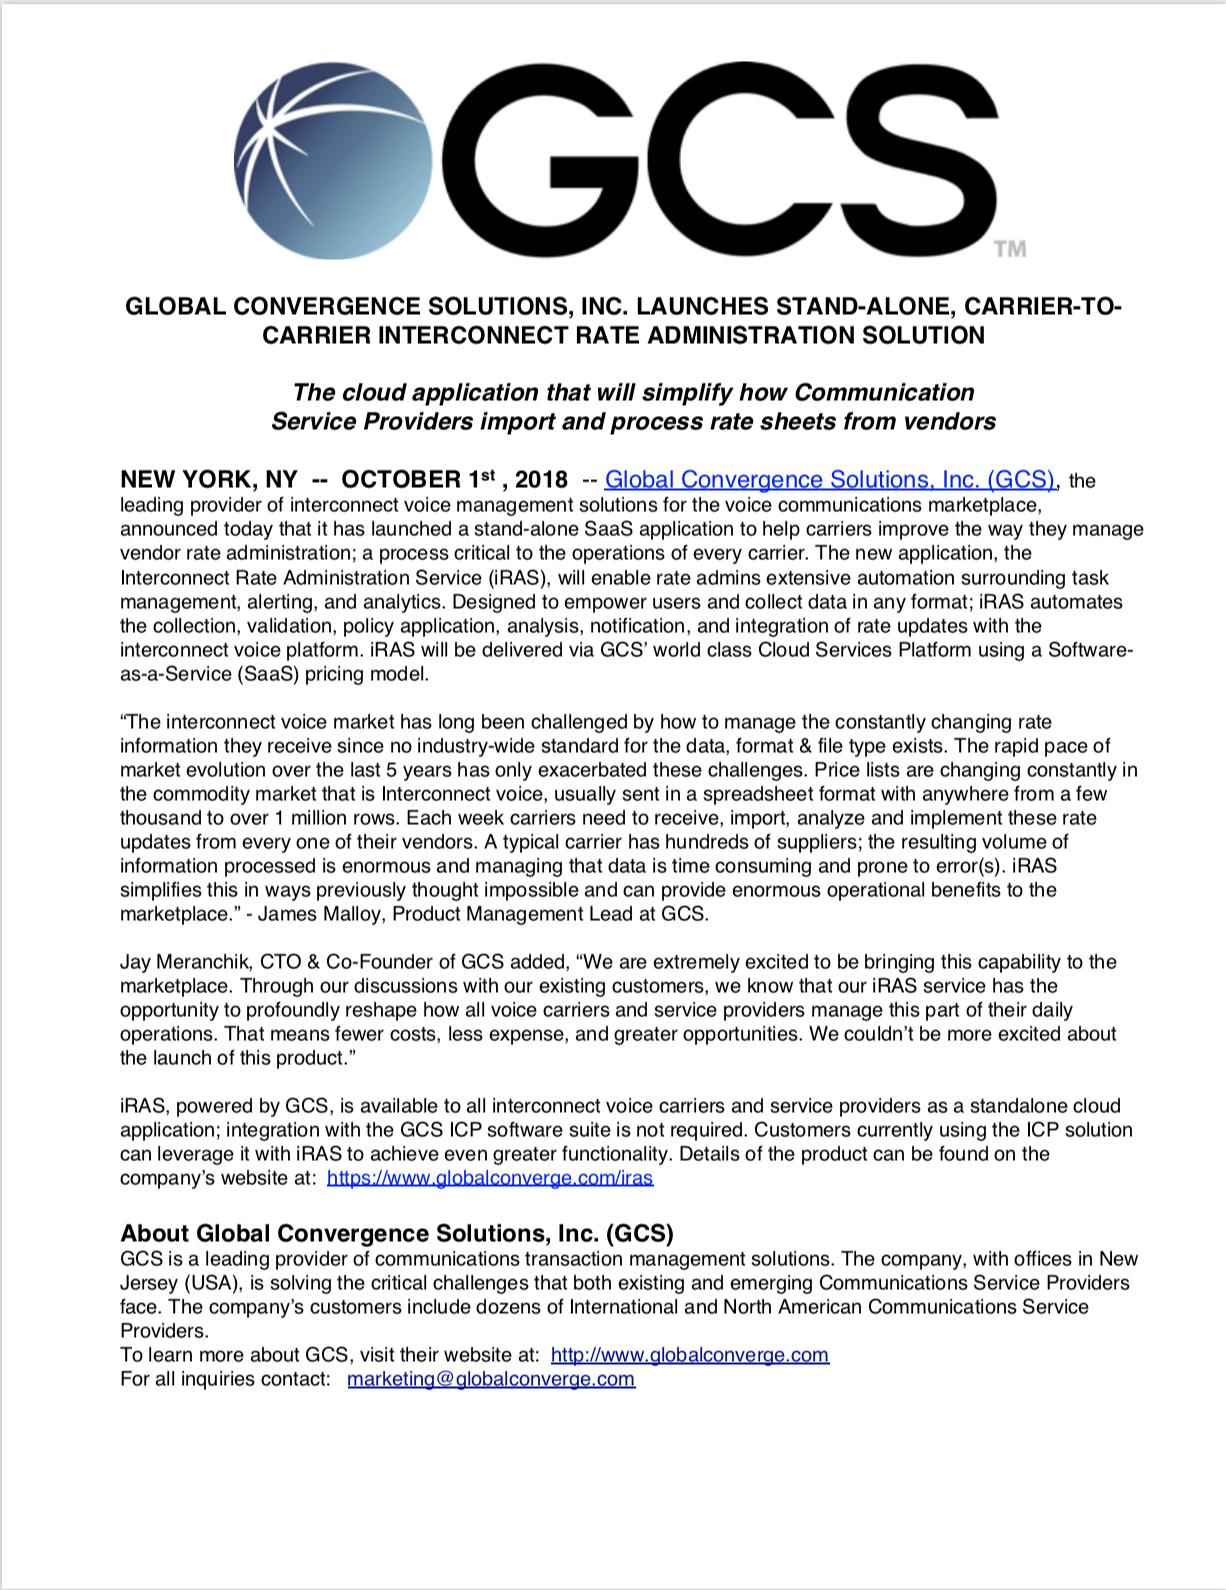 iRAS Press Release